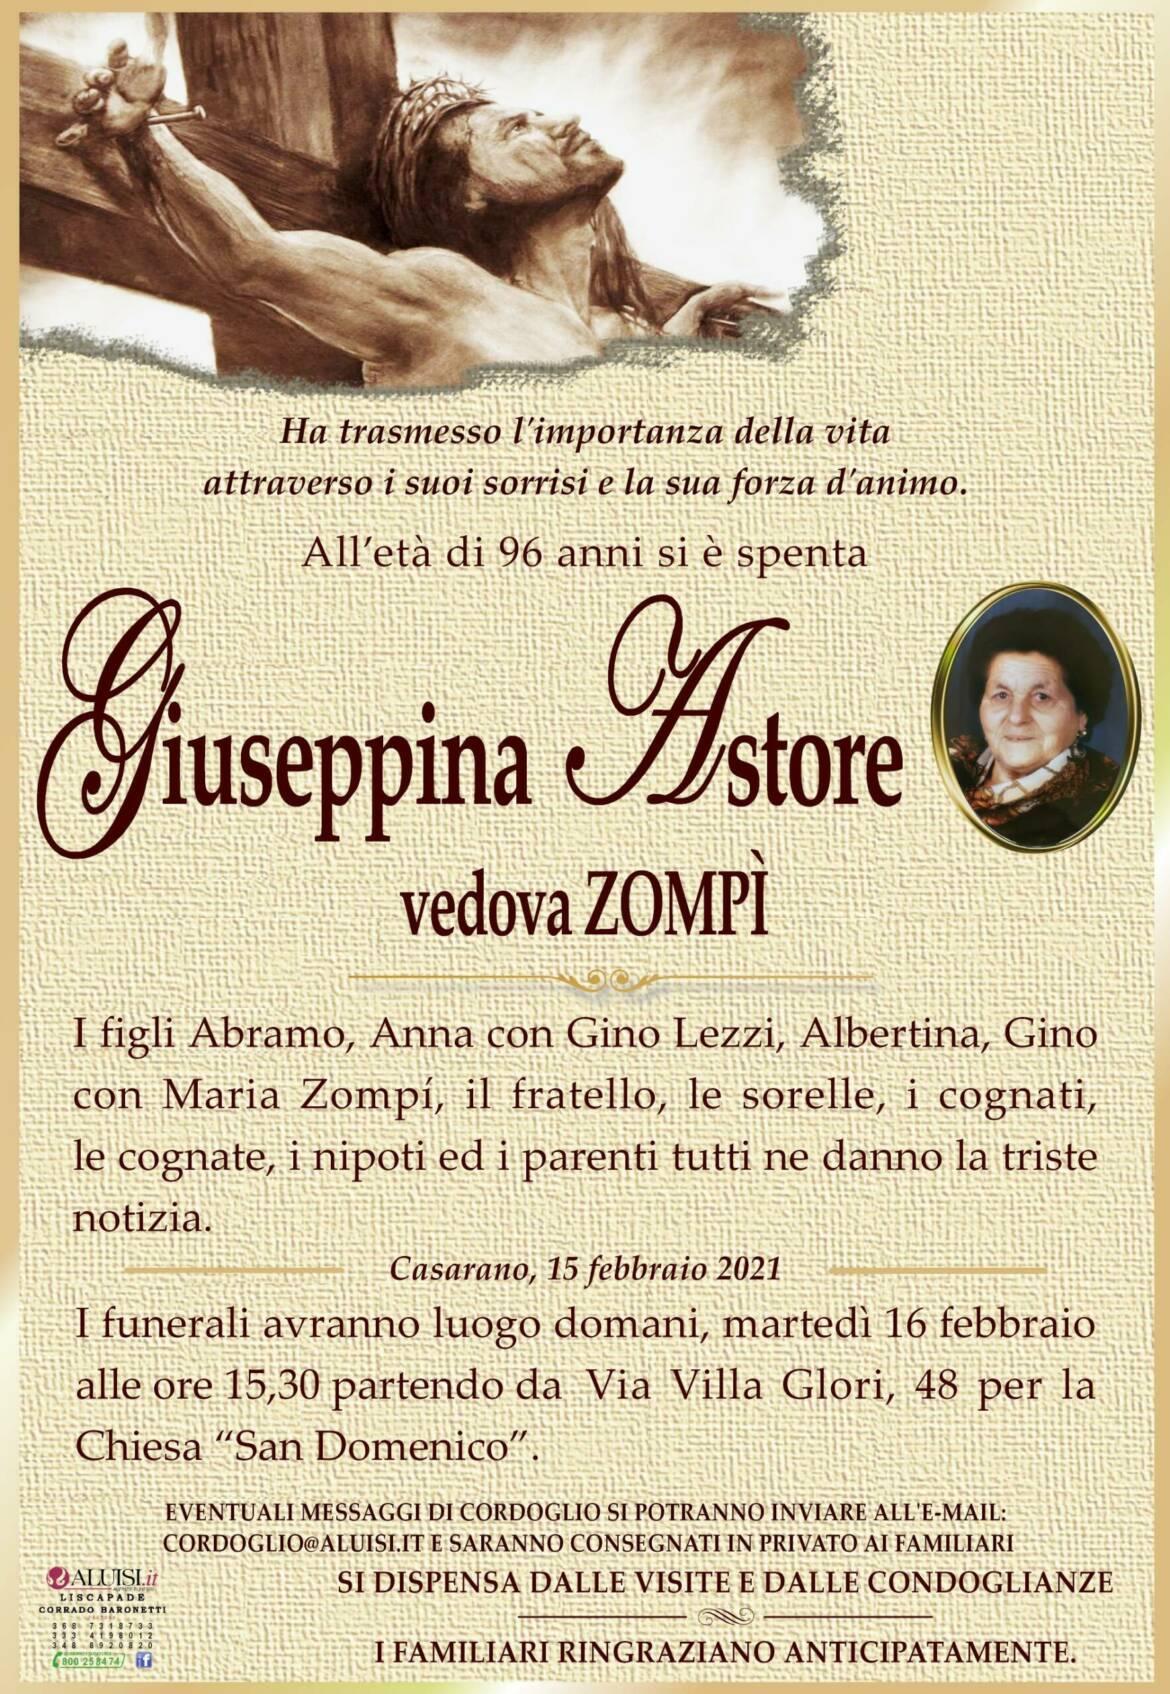 Annuncio-giuseppina-casarano-scaled.jpg